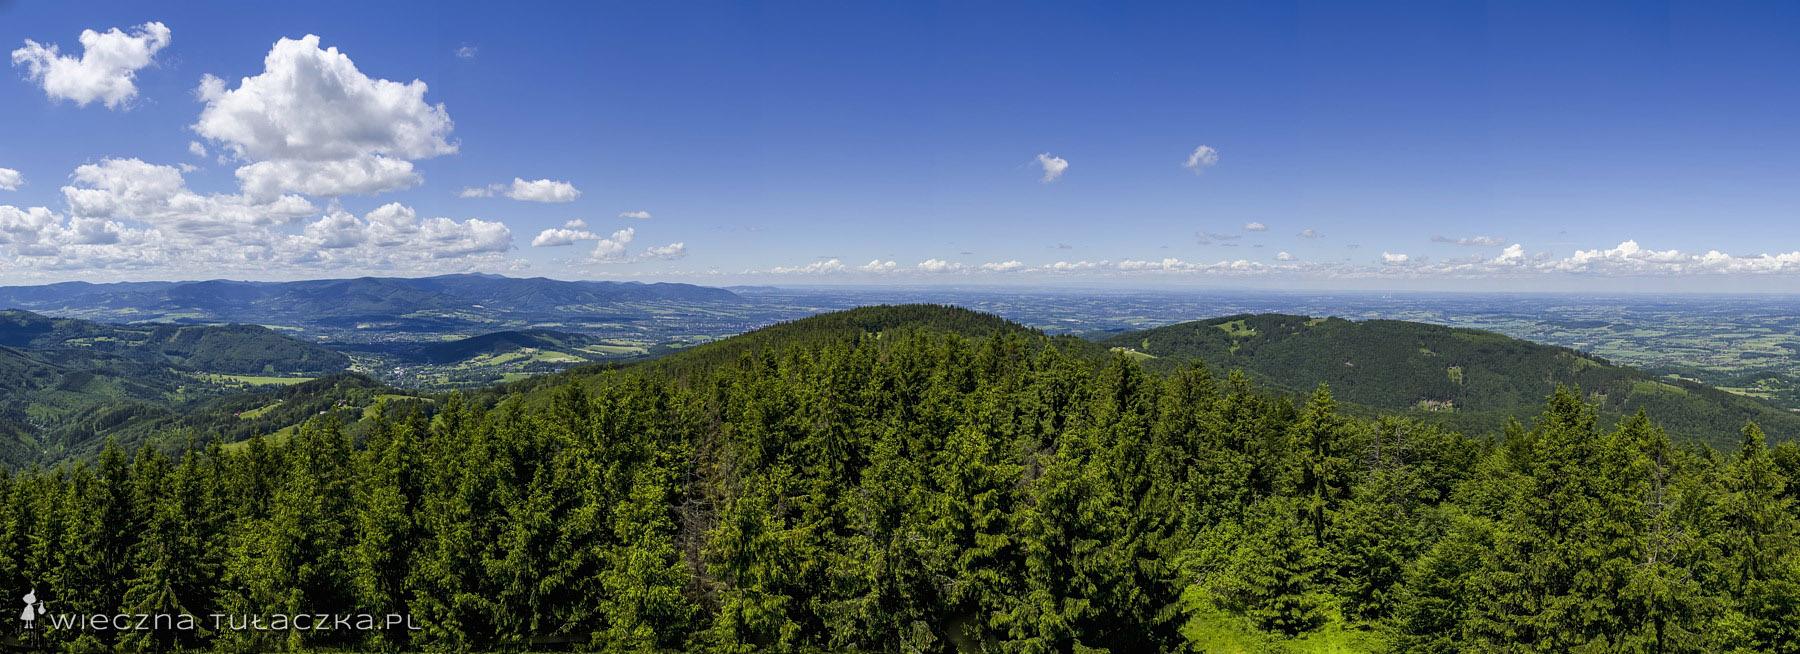 Czantoria Wielka panorama